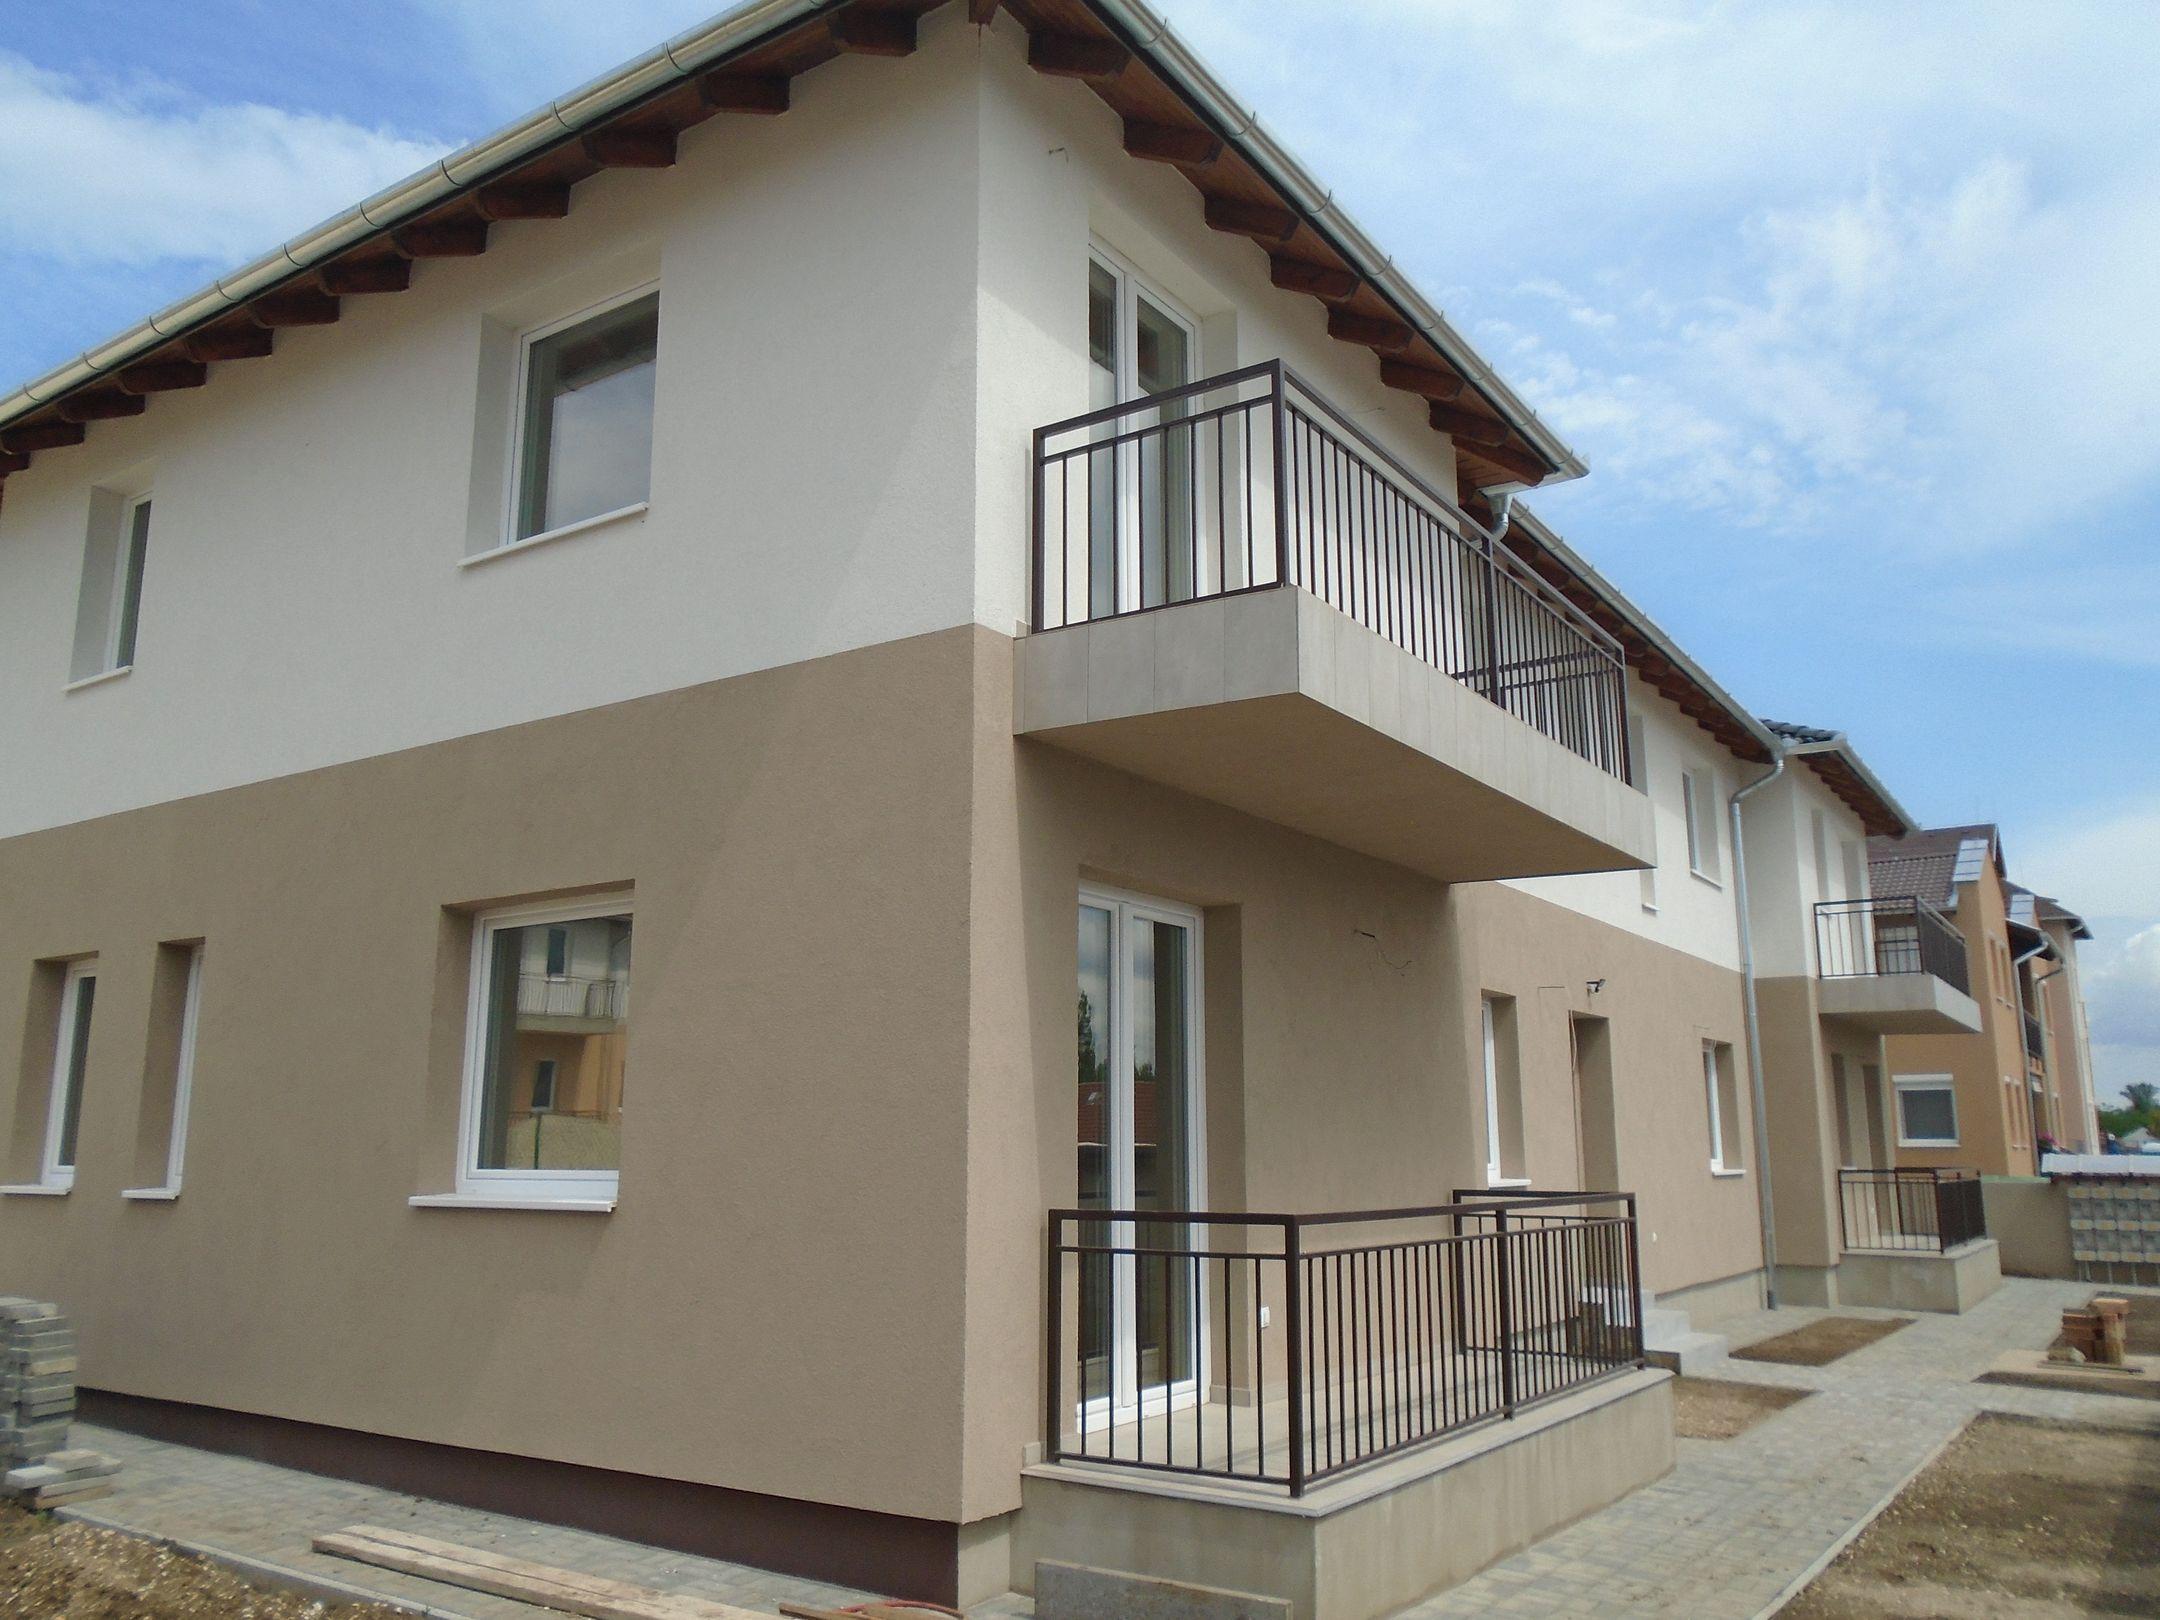 Gyömrő központjához közel,családi házak között,új építésű társasházi lakás eladó!